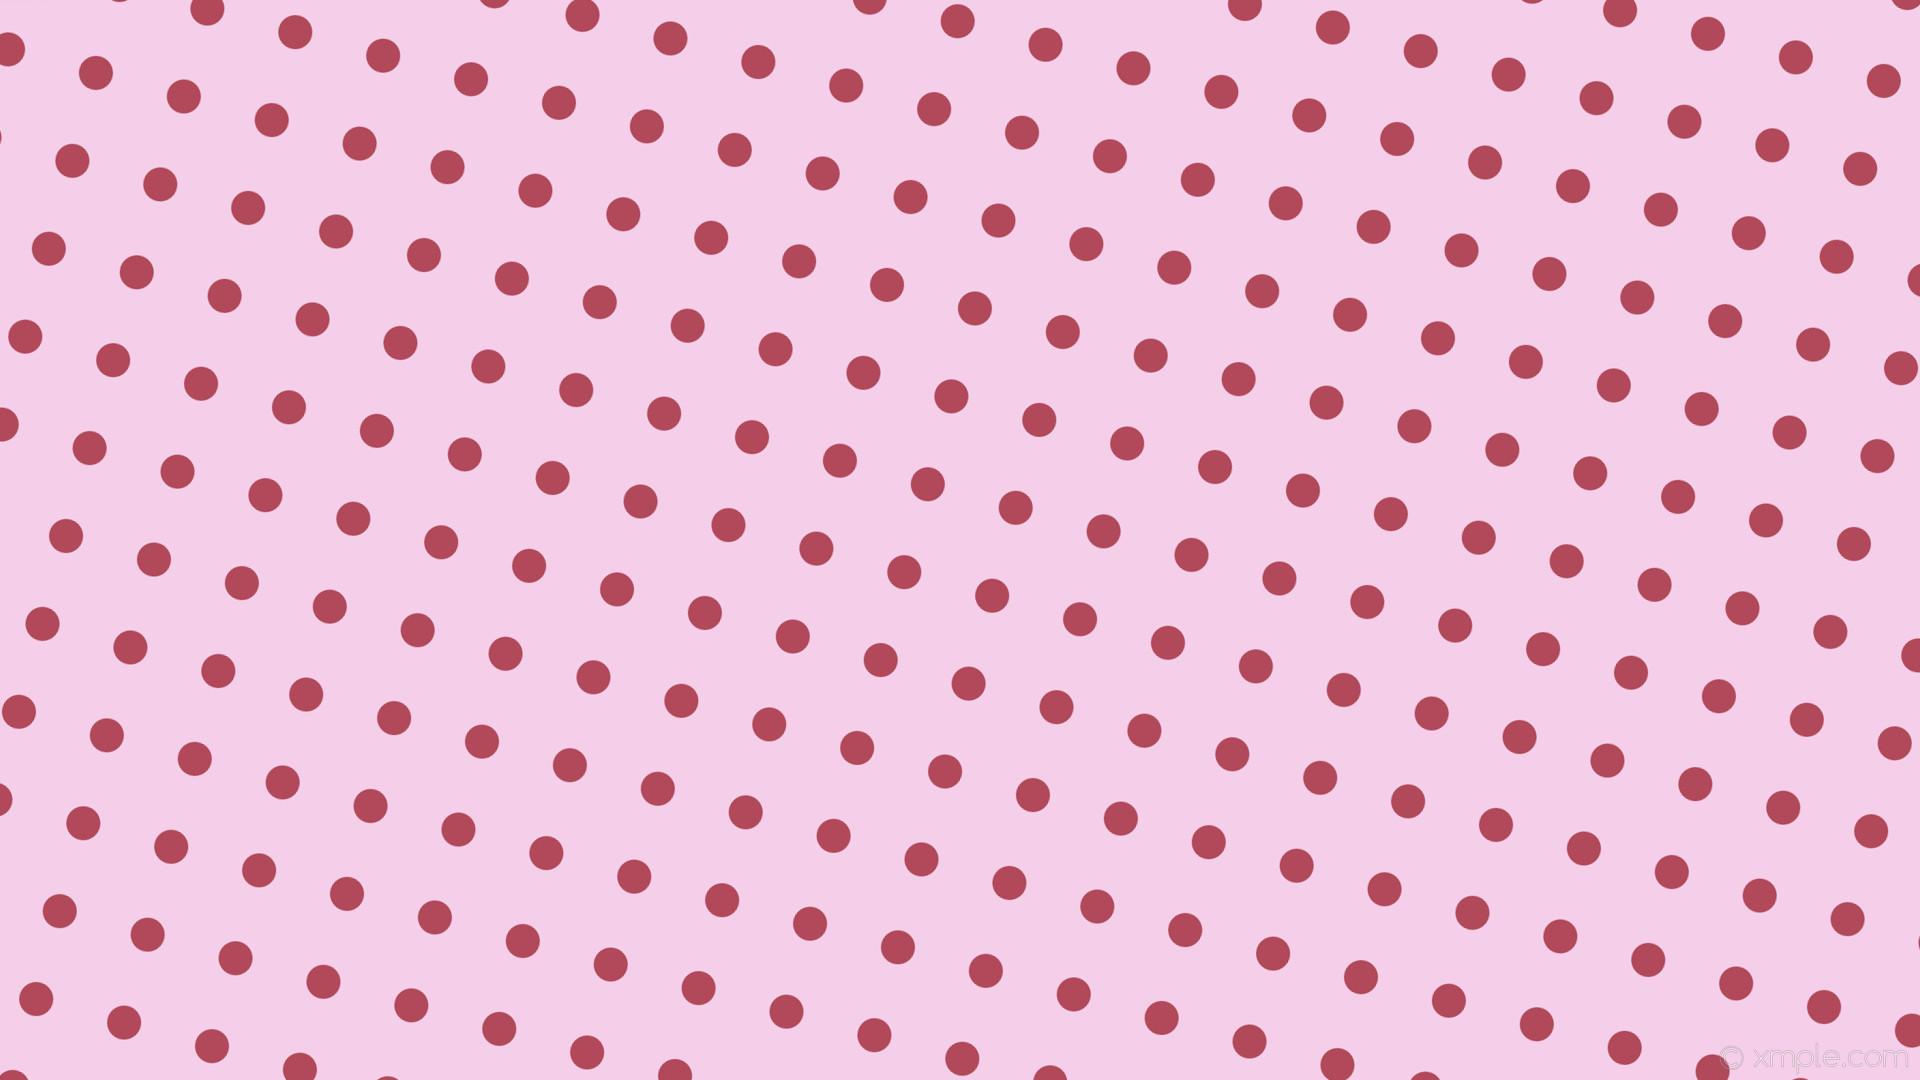 wallpaper red spots pink polka dots light pink #f5cfe9 #b1495b 255° 34px  91px